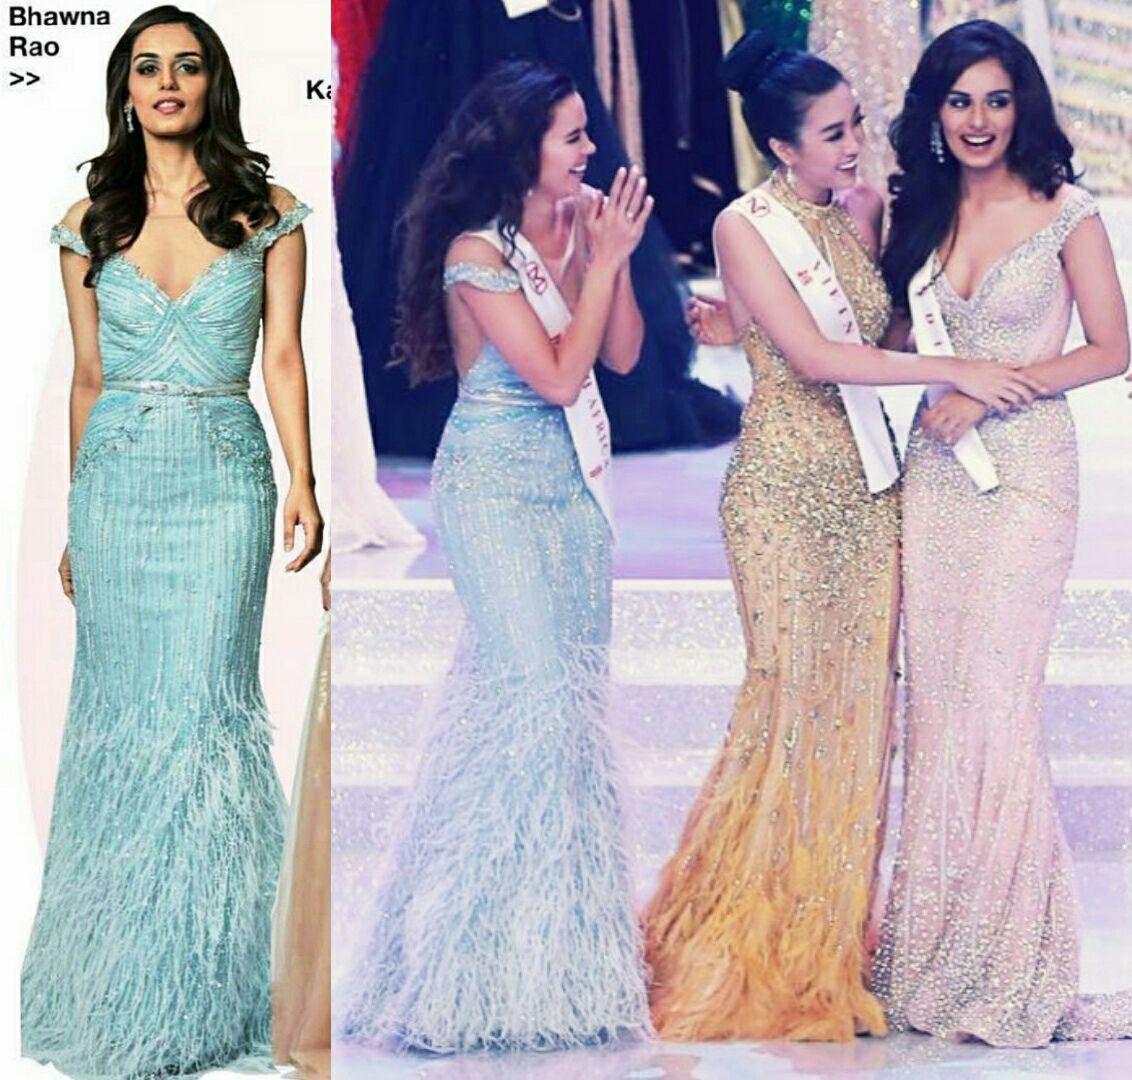 Không chỉ xinh đẹp, mỹ nhân Ấn Độ đoạt Miss World còn nhờ lòng nghĩa hiệp cứu bạn chẳng toan tính-3